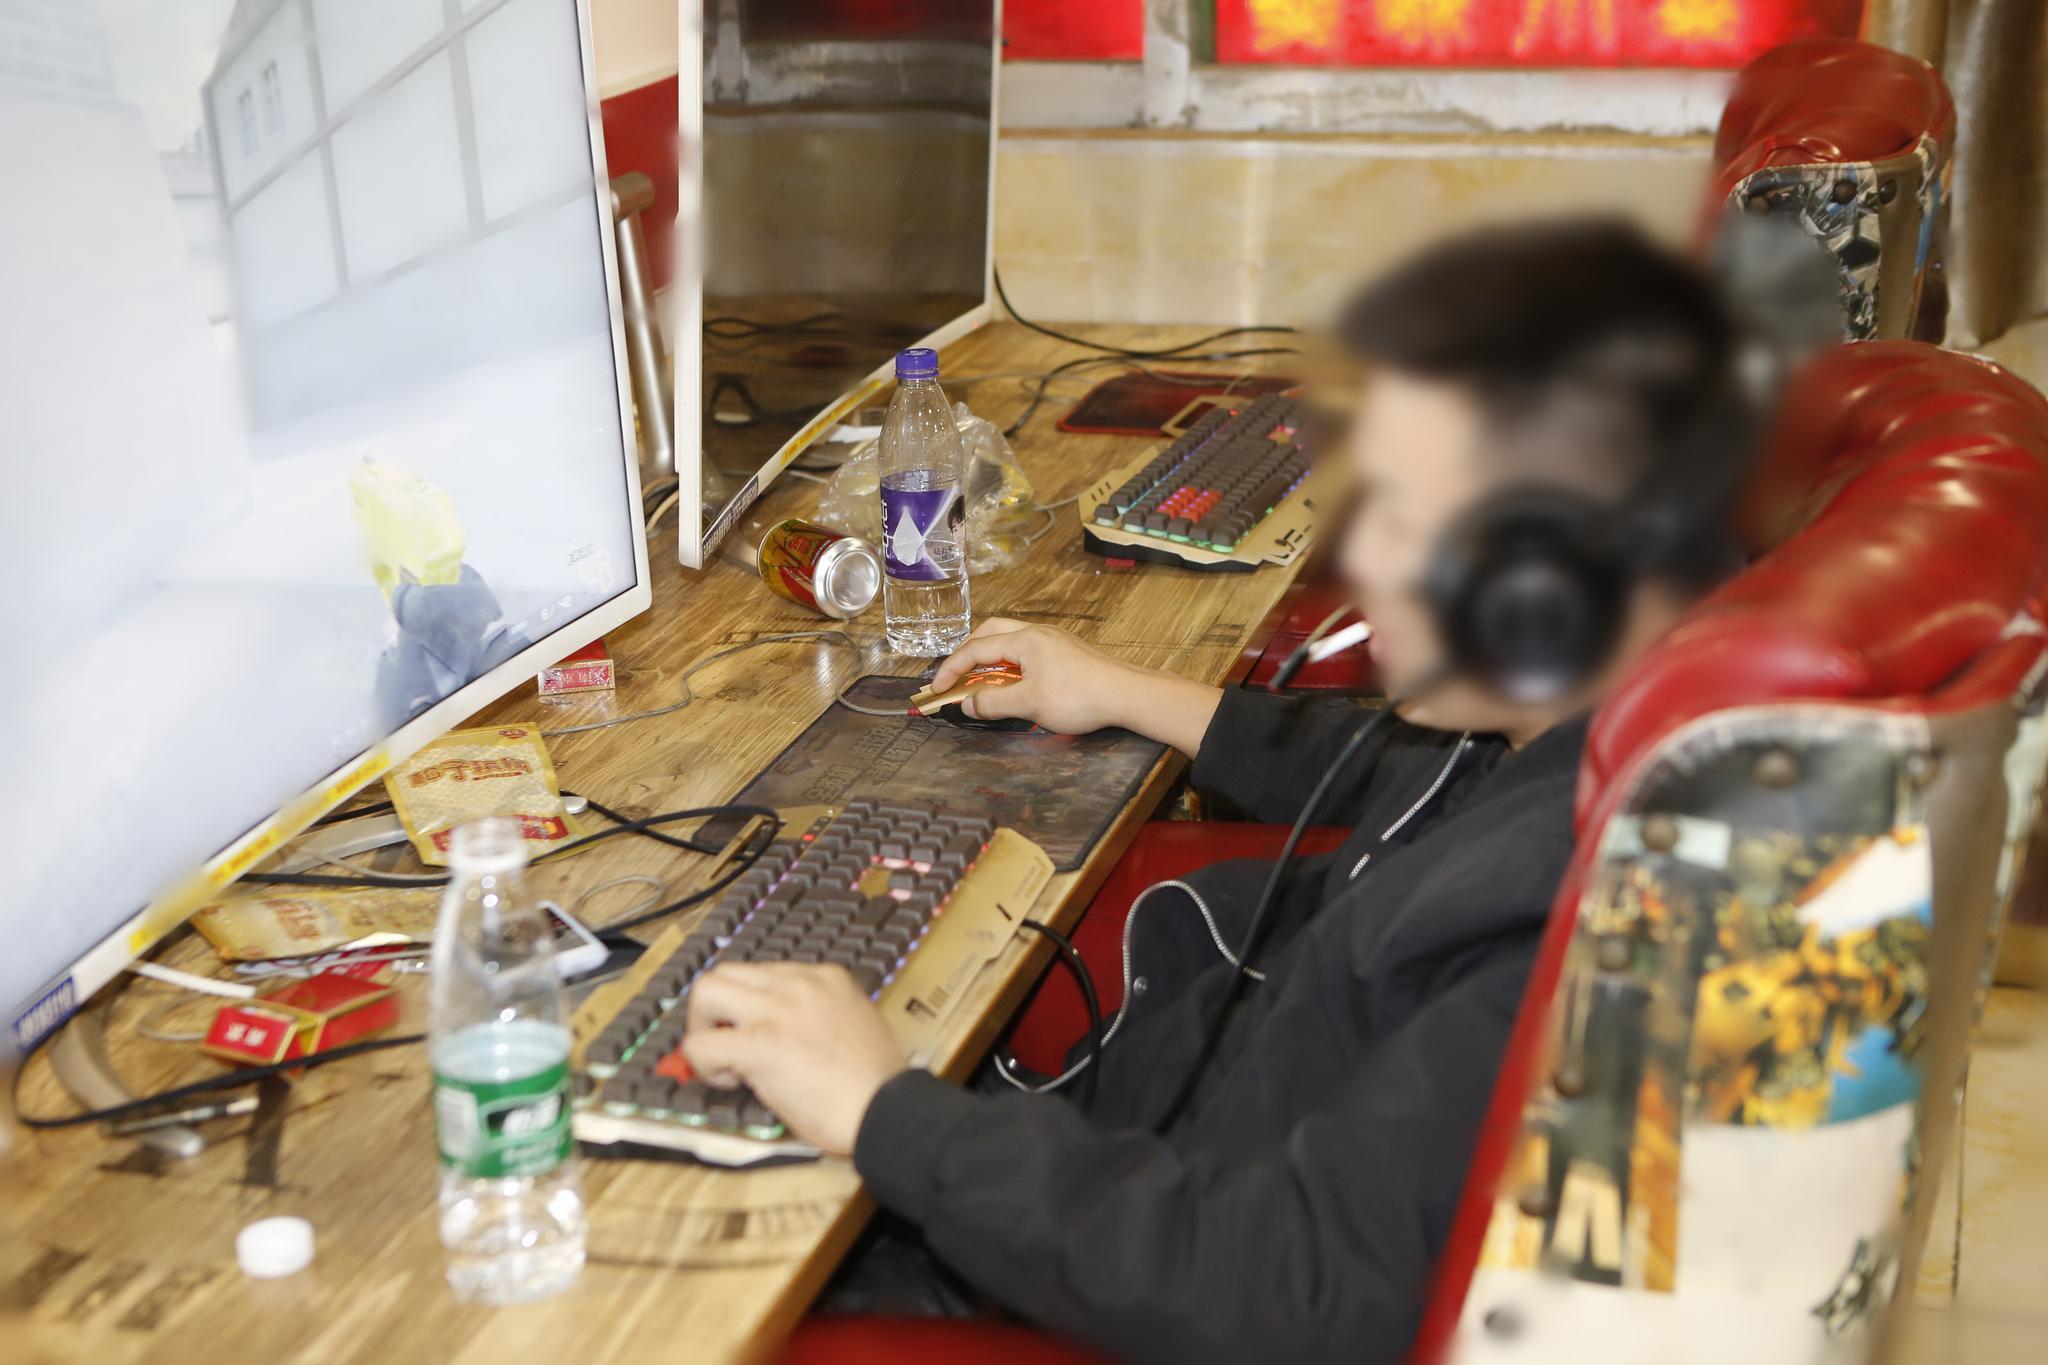 12月9日在网吧进行监测试点即有人被罚款。深圳控烟办供图